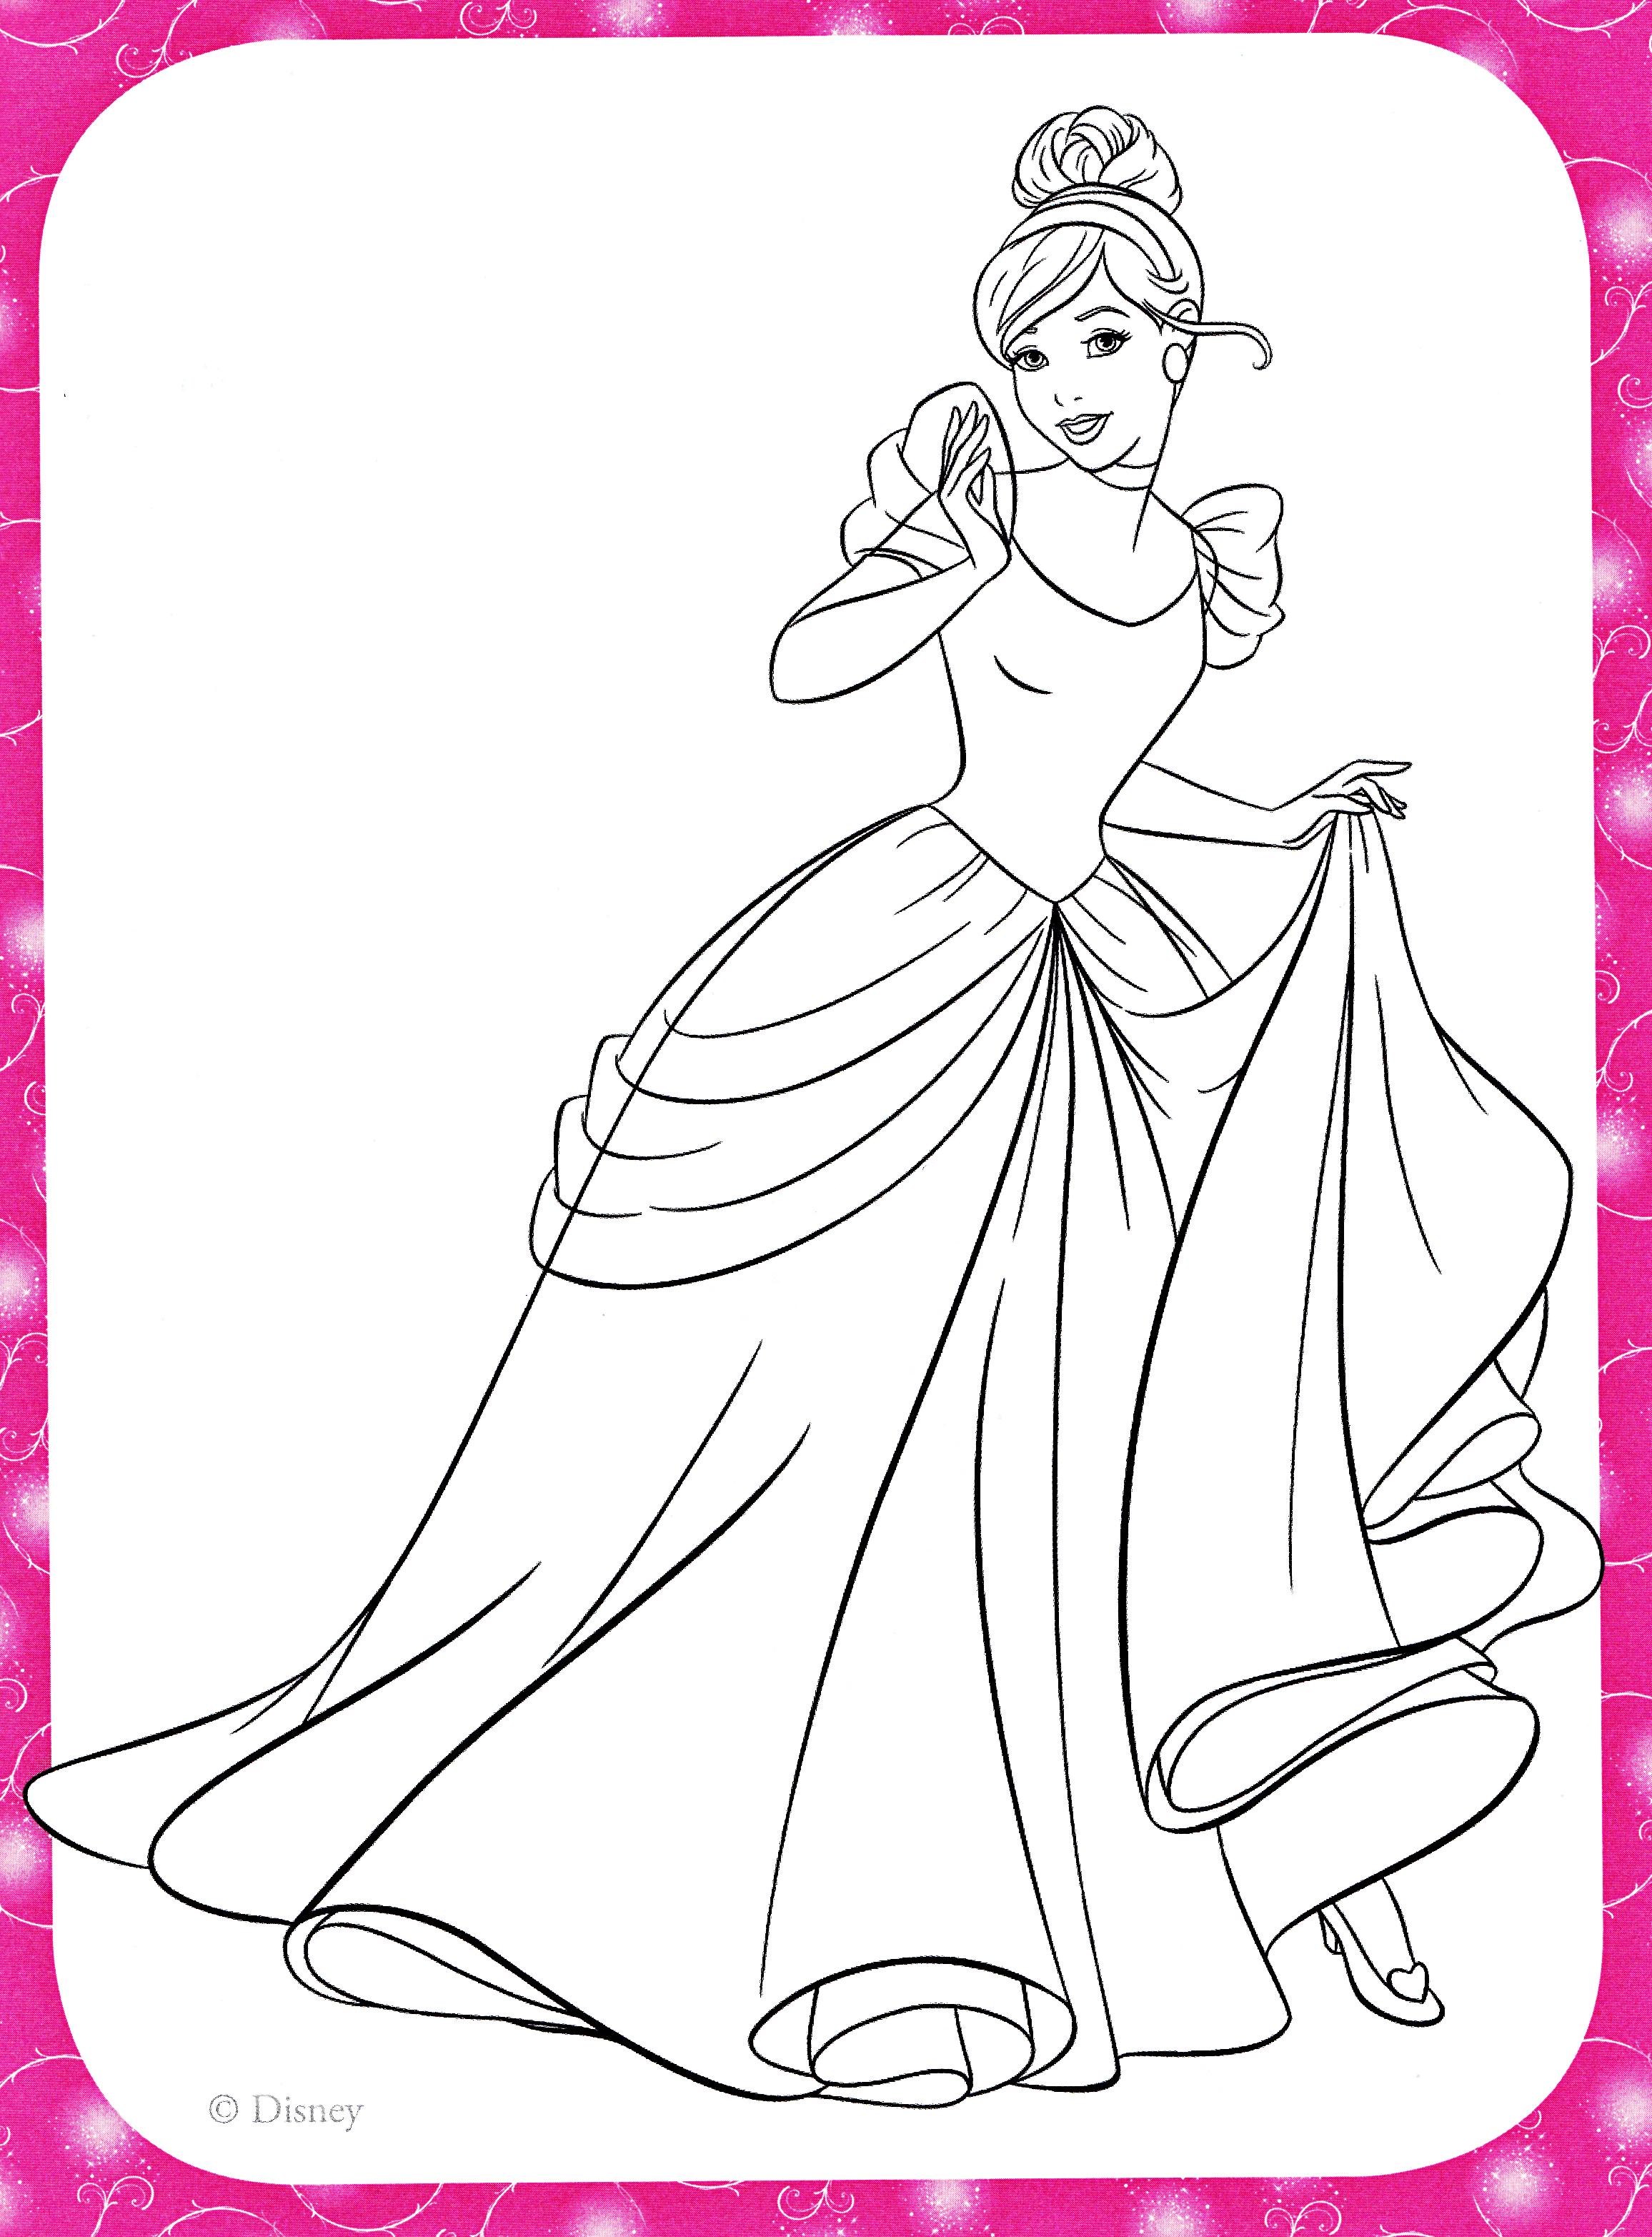 Walt Disney Coloring Pages - Princess Cinderella - Walt ... | colouring pages for disney princesses